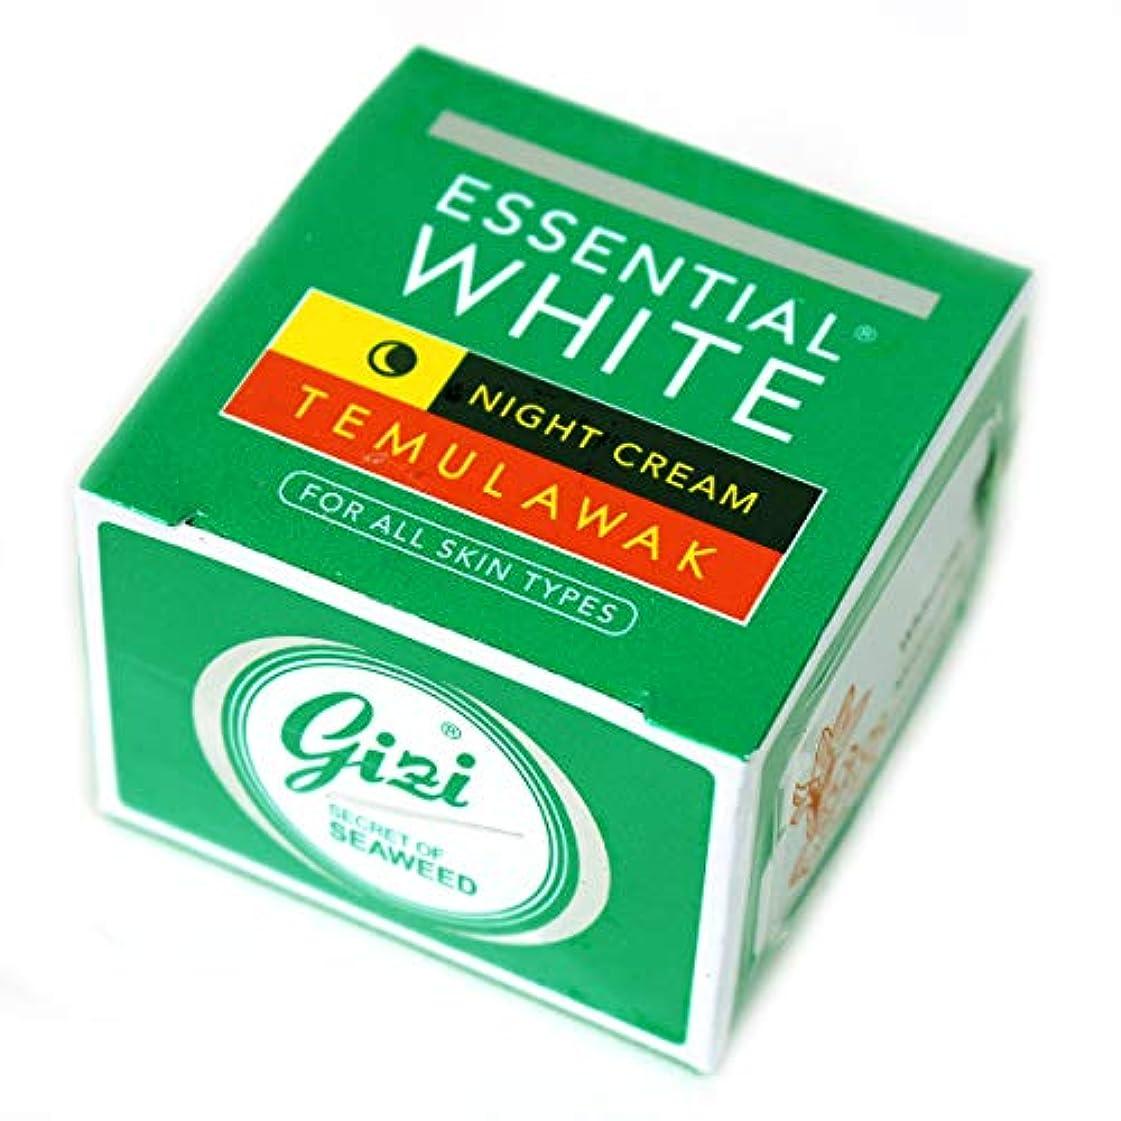 考慮シェーバーシリングギジ gizi Essential White ナイト用スキンケアクリーム ボトルタイプ 9g テムラワク ウコン など天然成分配合 [海外直送品]